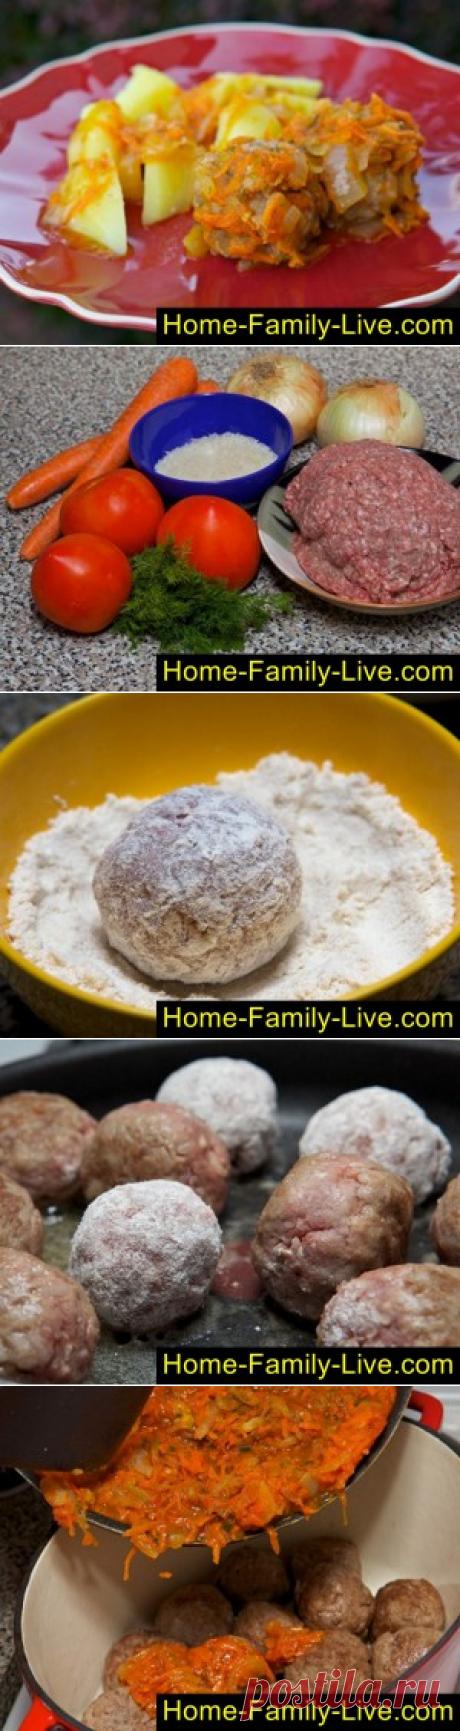 Фрикадельки в соусе - пошаговый фоторецепт - мясные ёжикиКулинарные рецепты